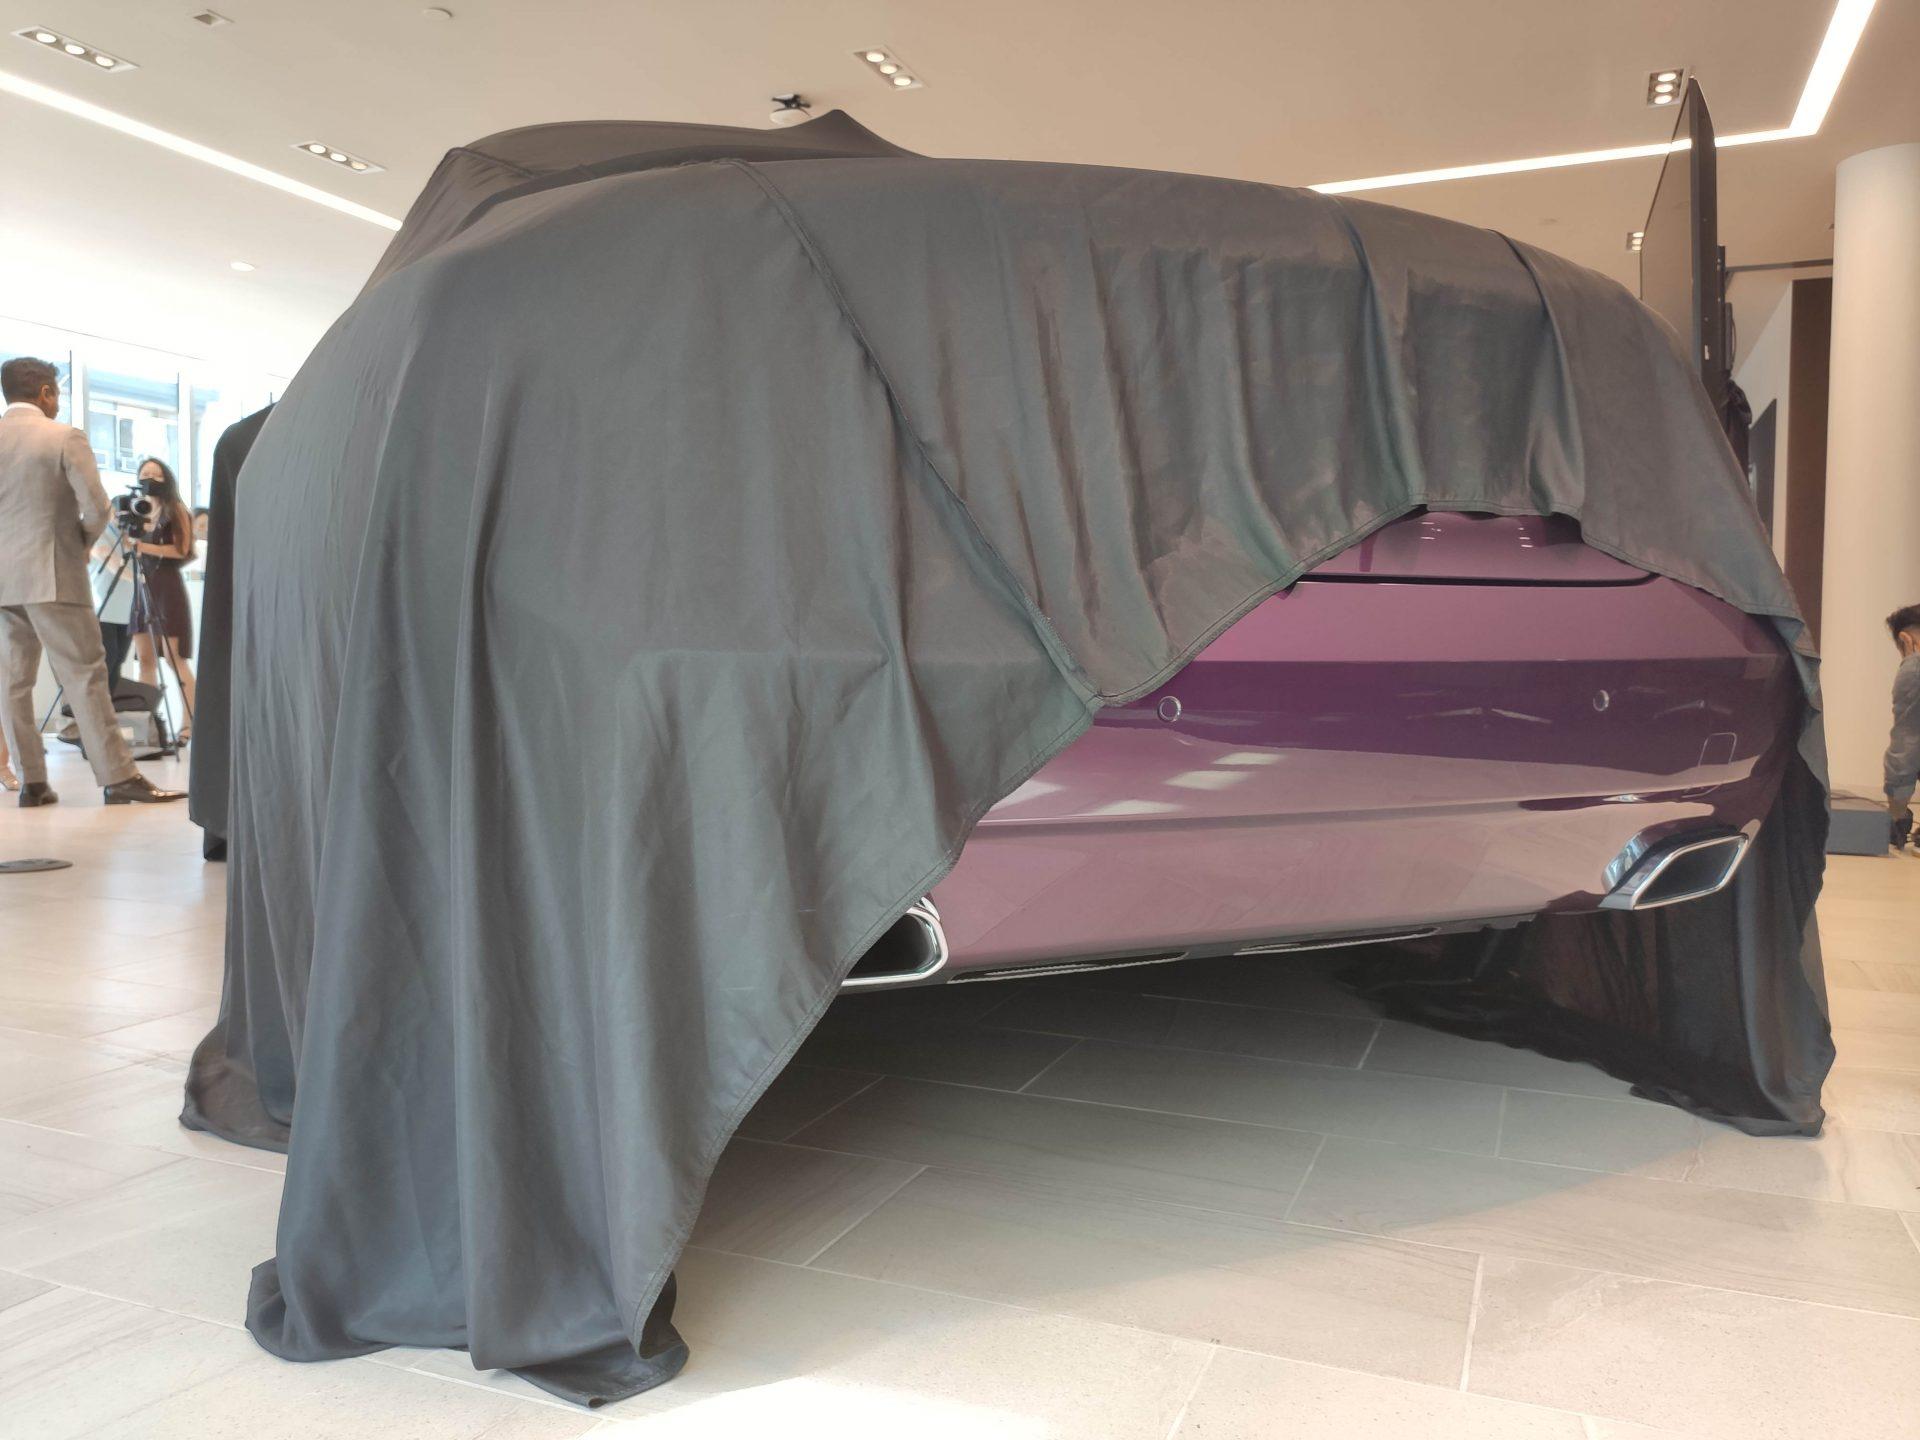 Rolls-Royce wrapped